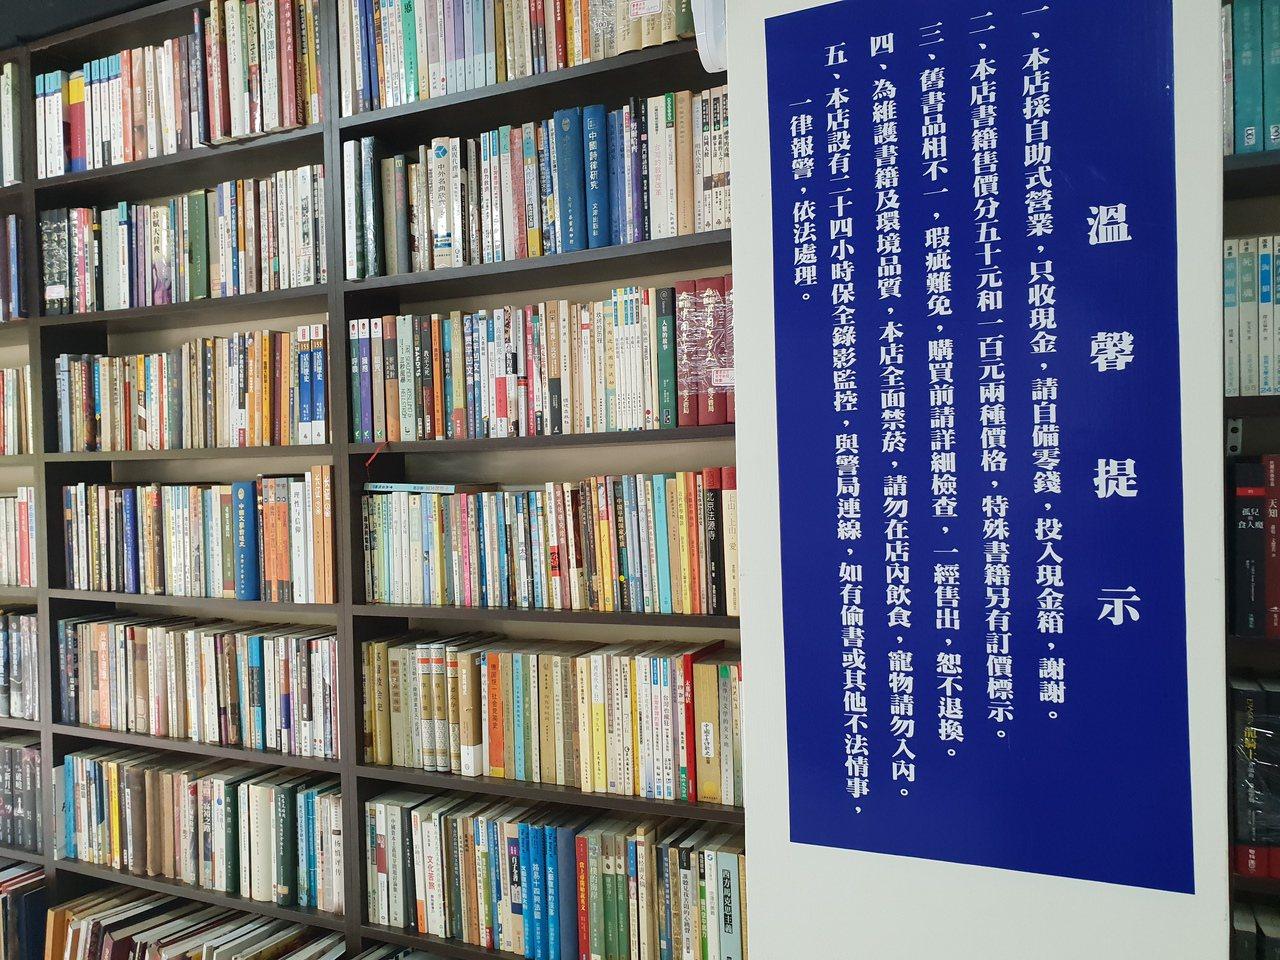 無人書店在牆上寫了一個簡單的告示,請讀者遵守自助式服務的規矩。記者陳宛茜/攝影